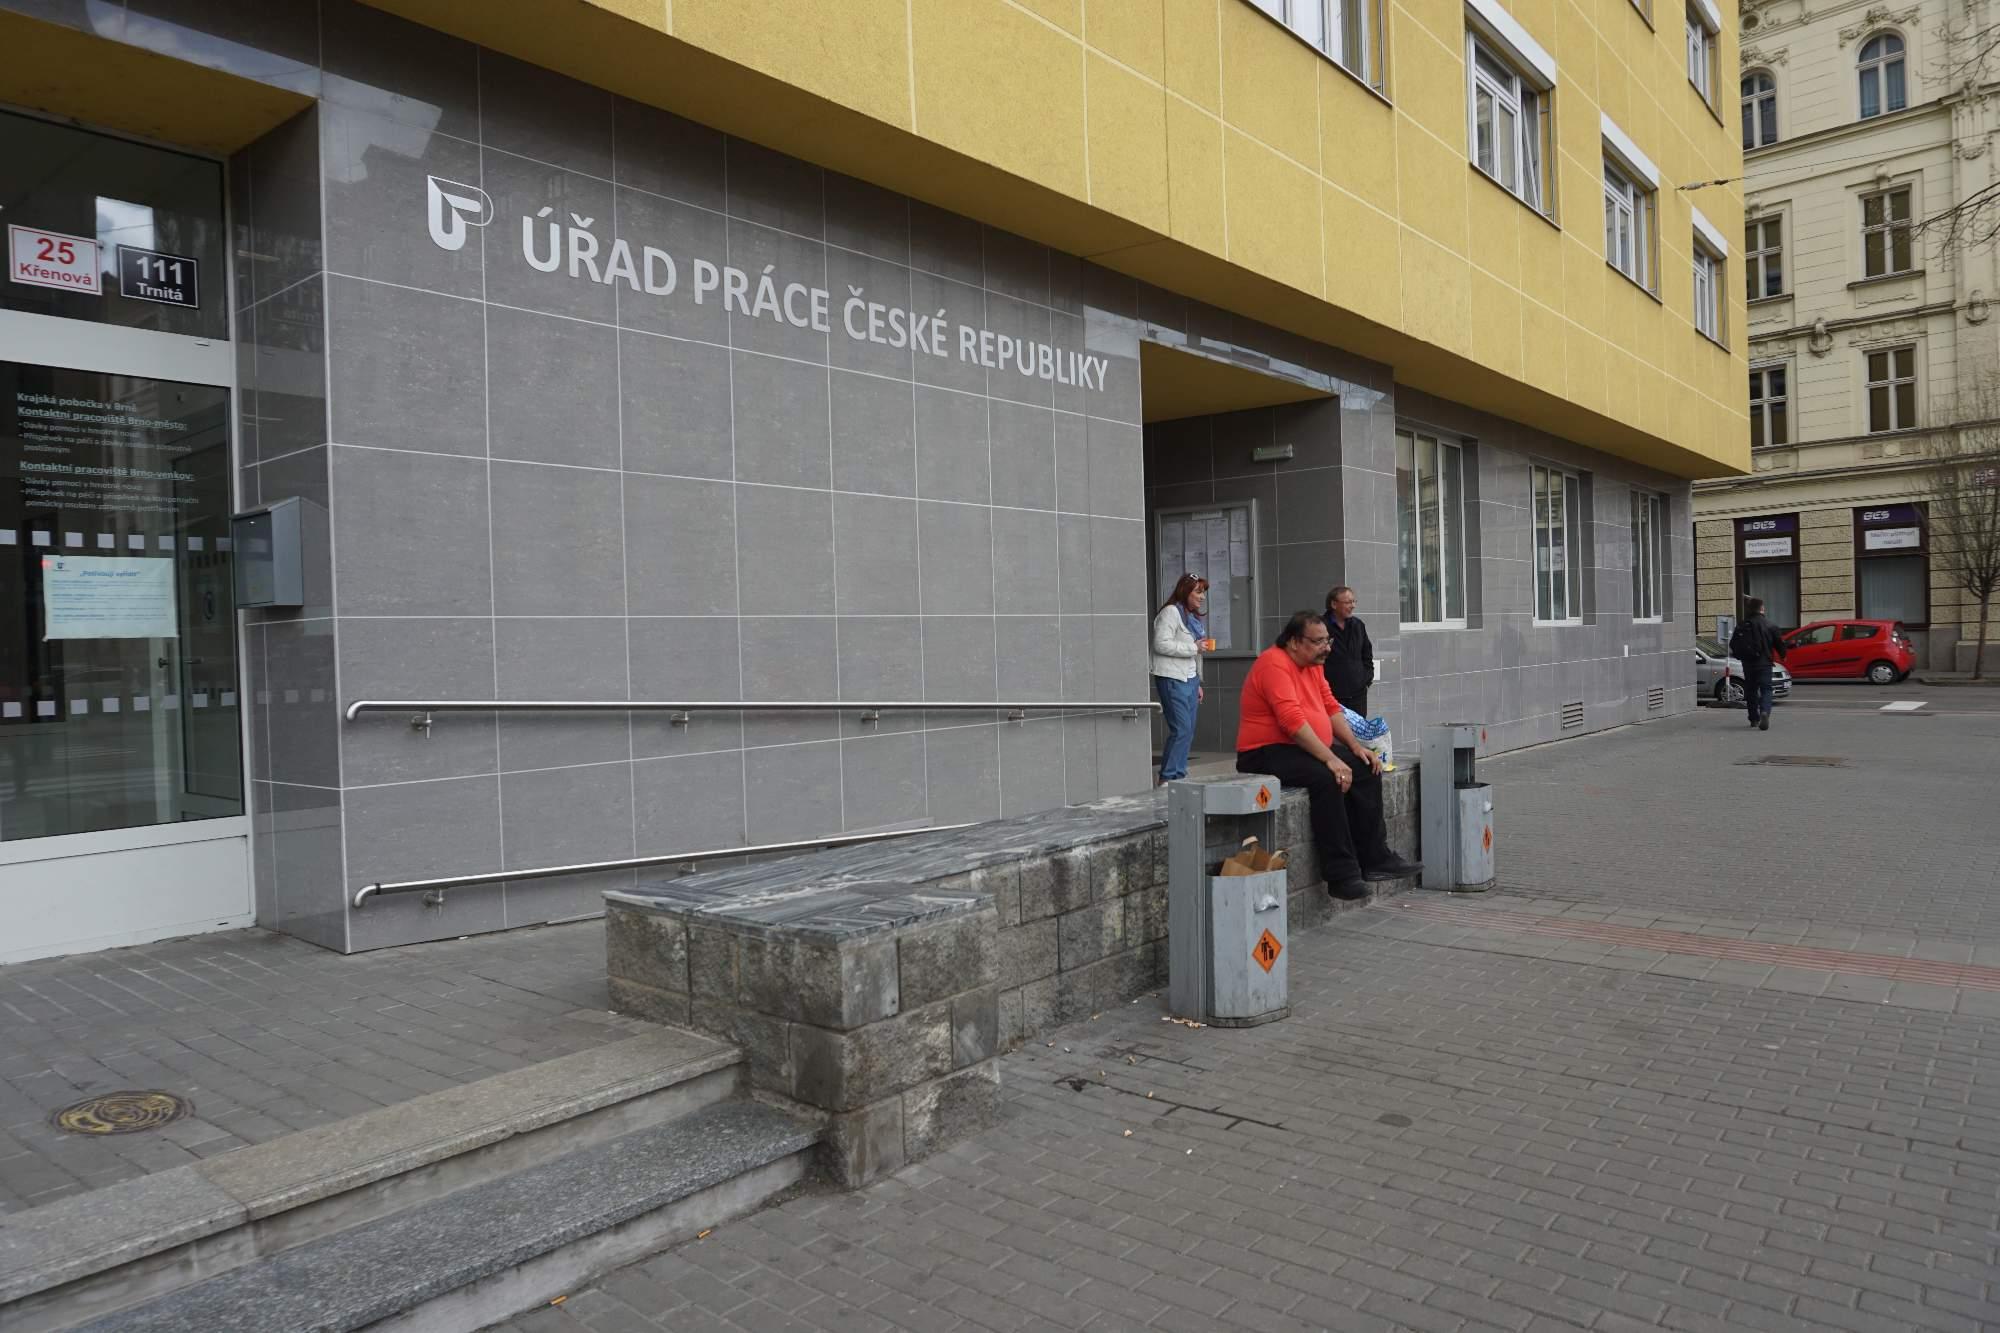 Budova úřadu práce, foto: Natálie Kuzmová